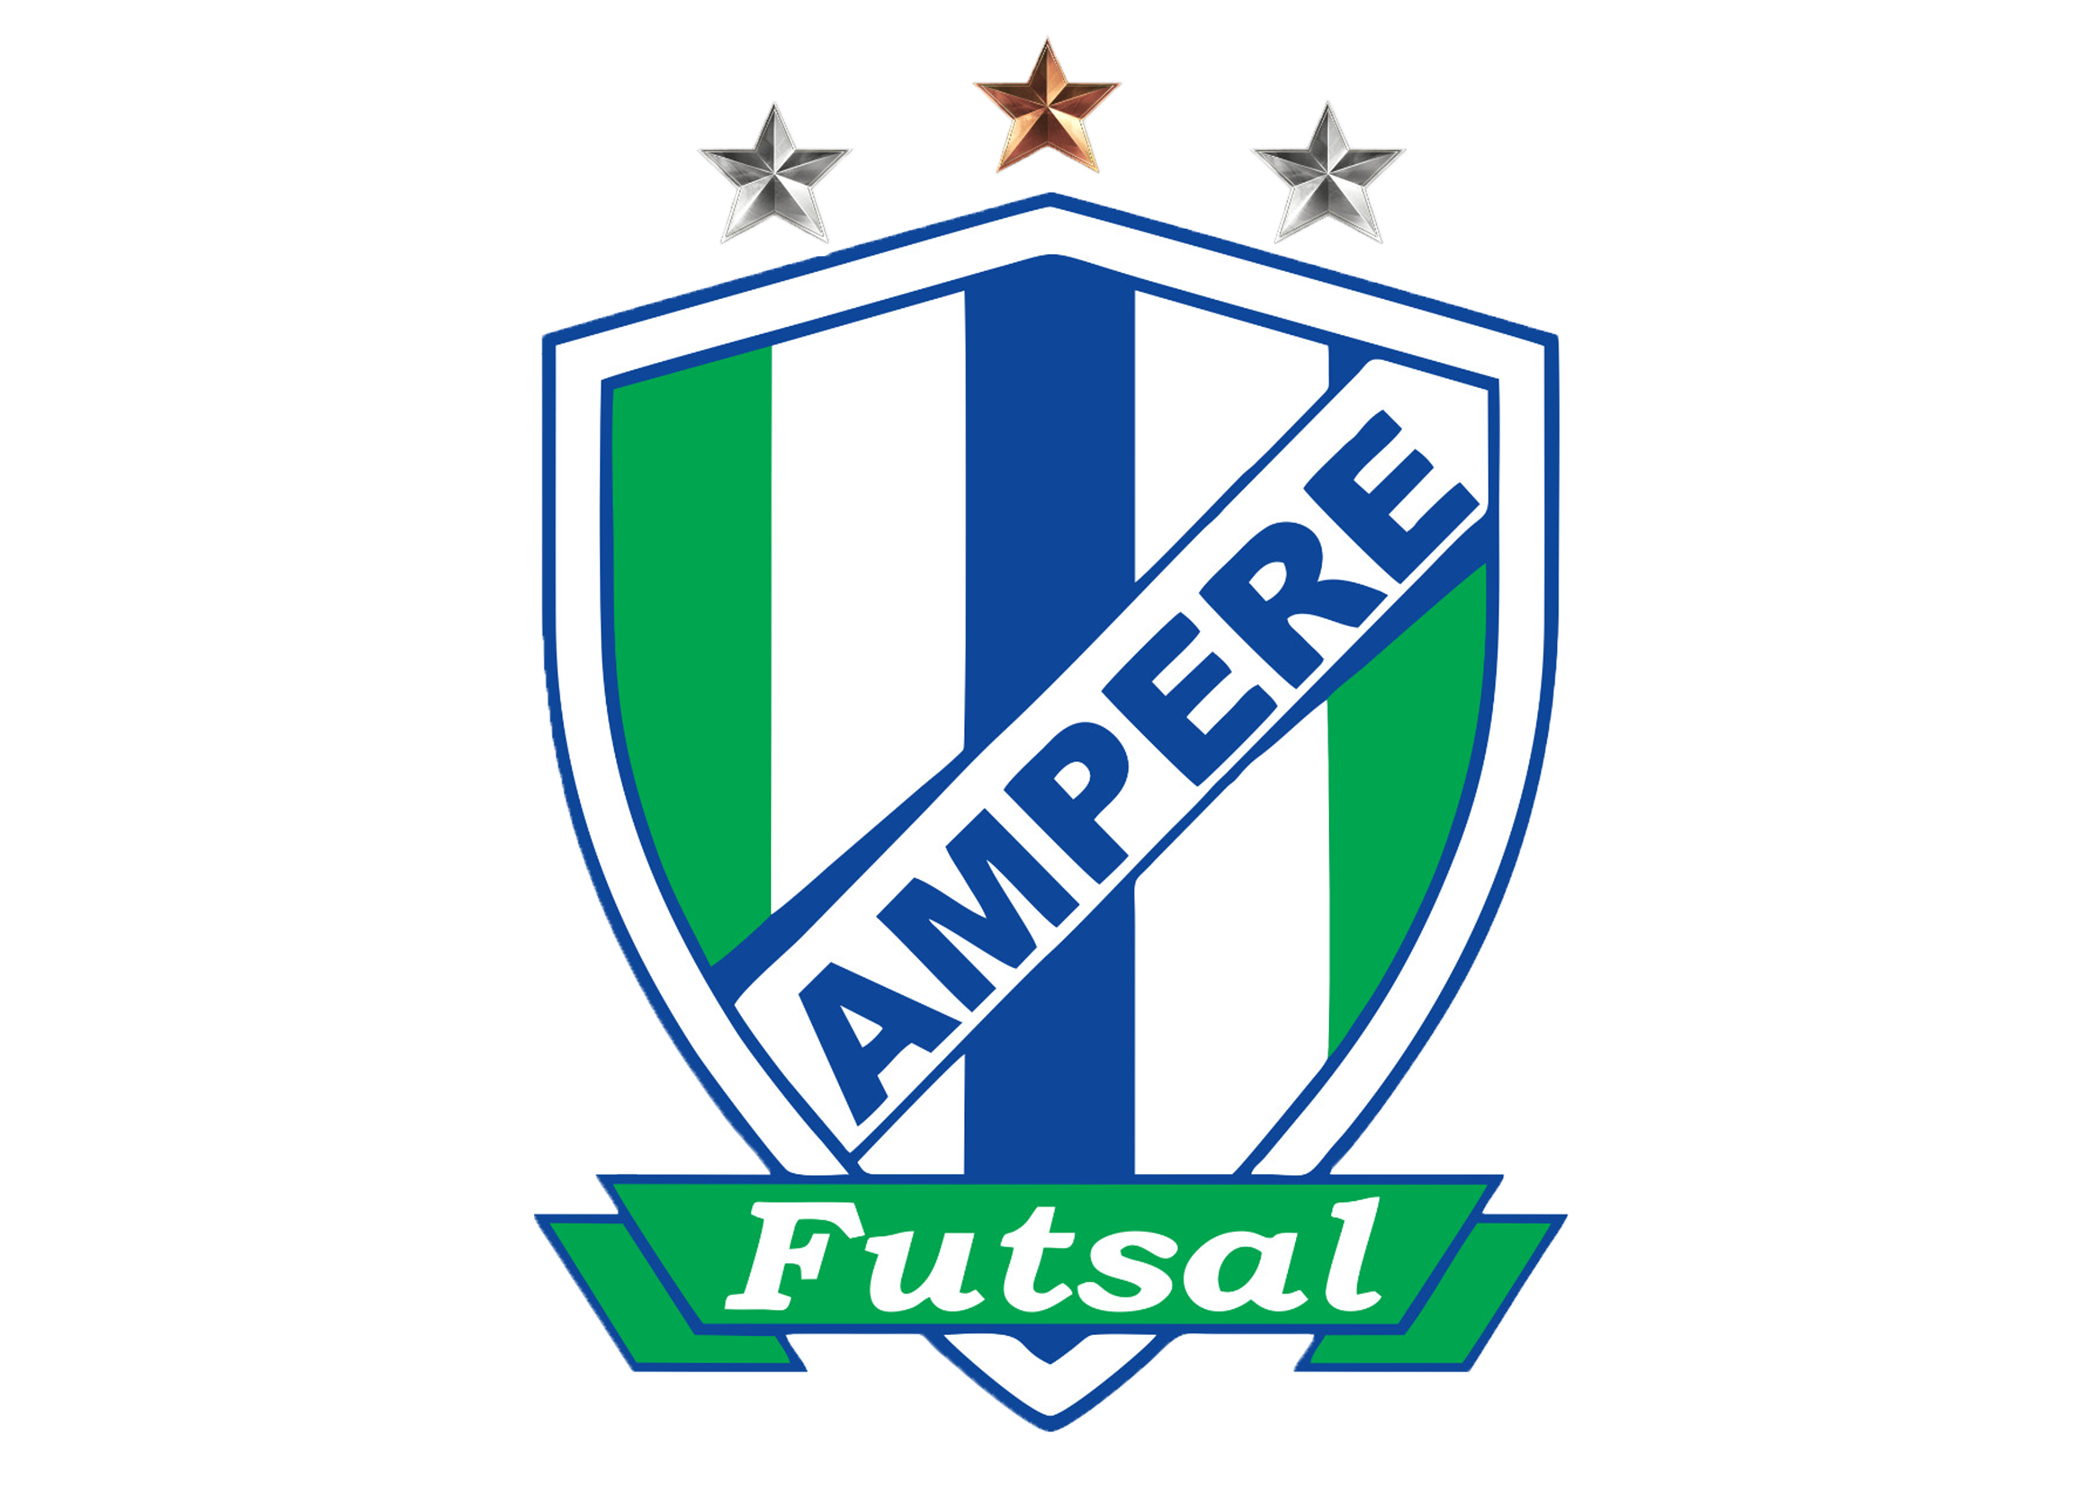 Ampére Futsal